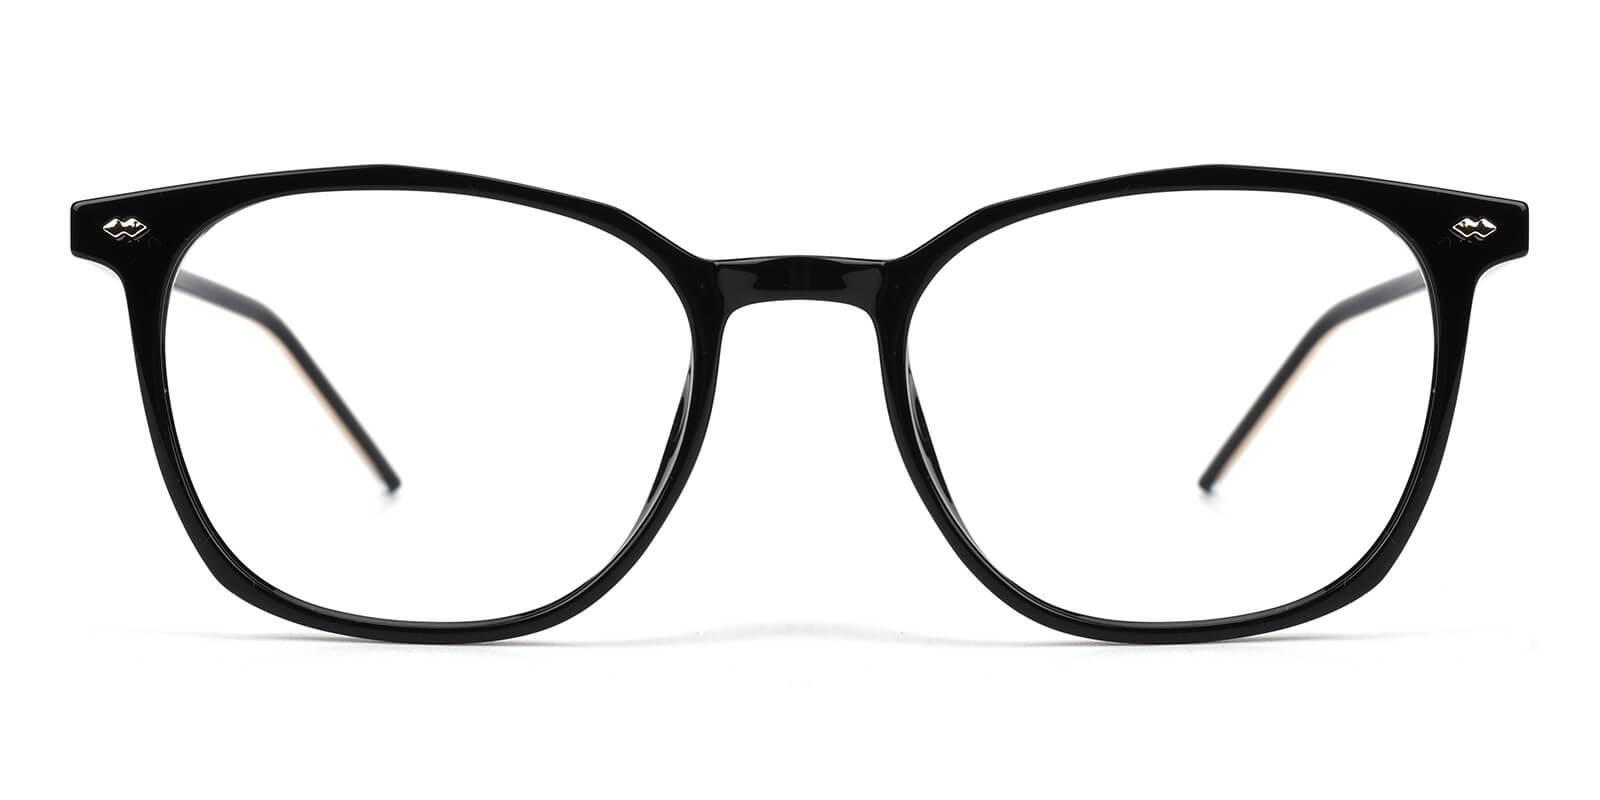 Linking-Black-Round-Acetate-Eyeglasses-additional2